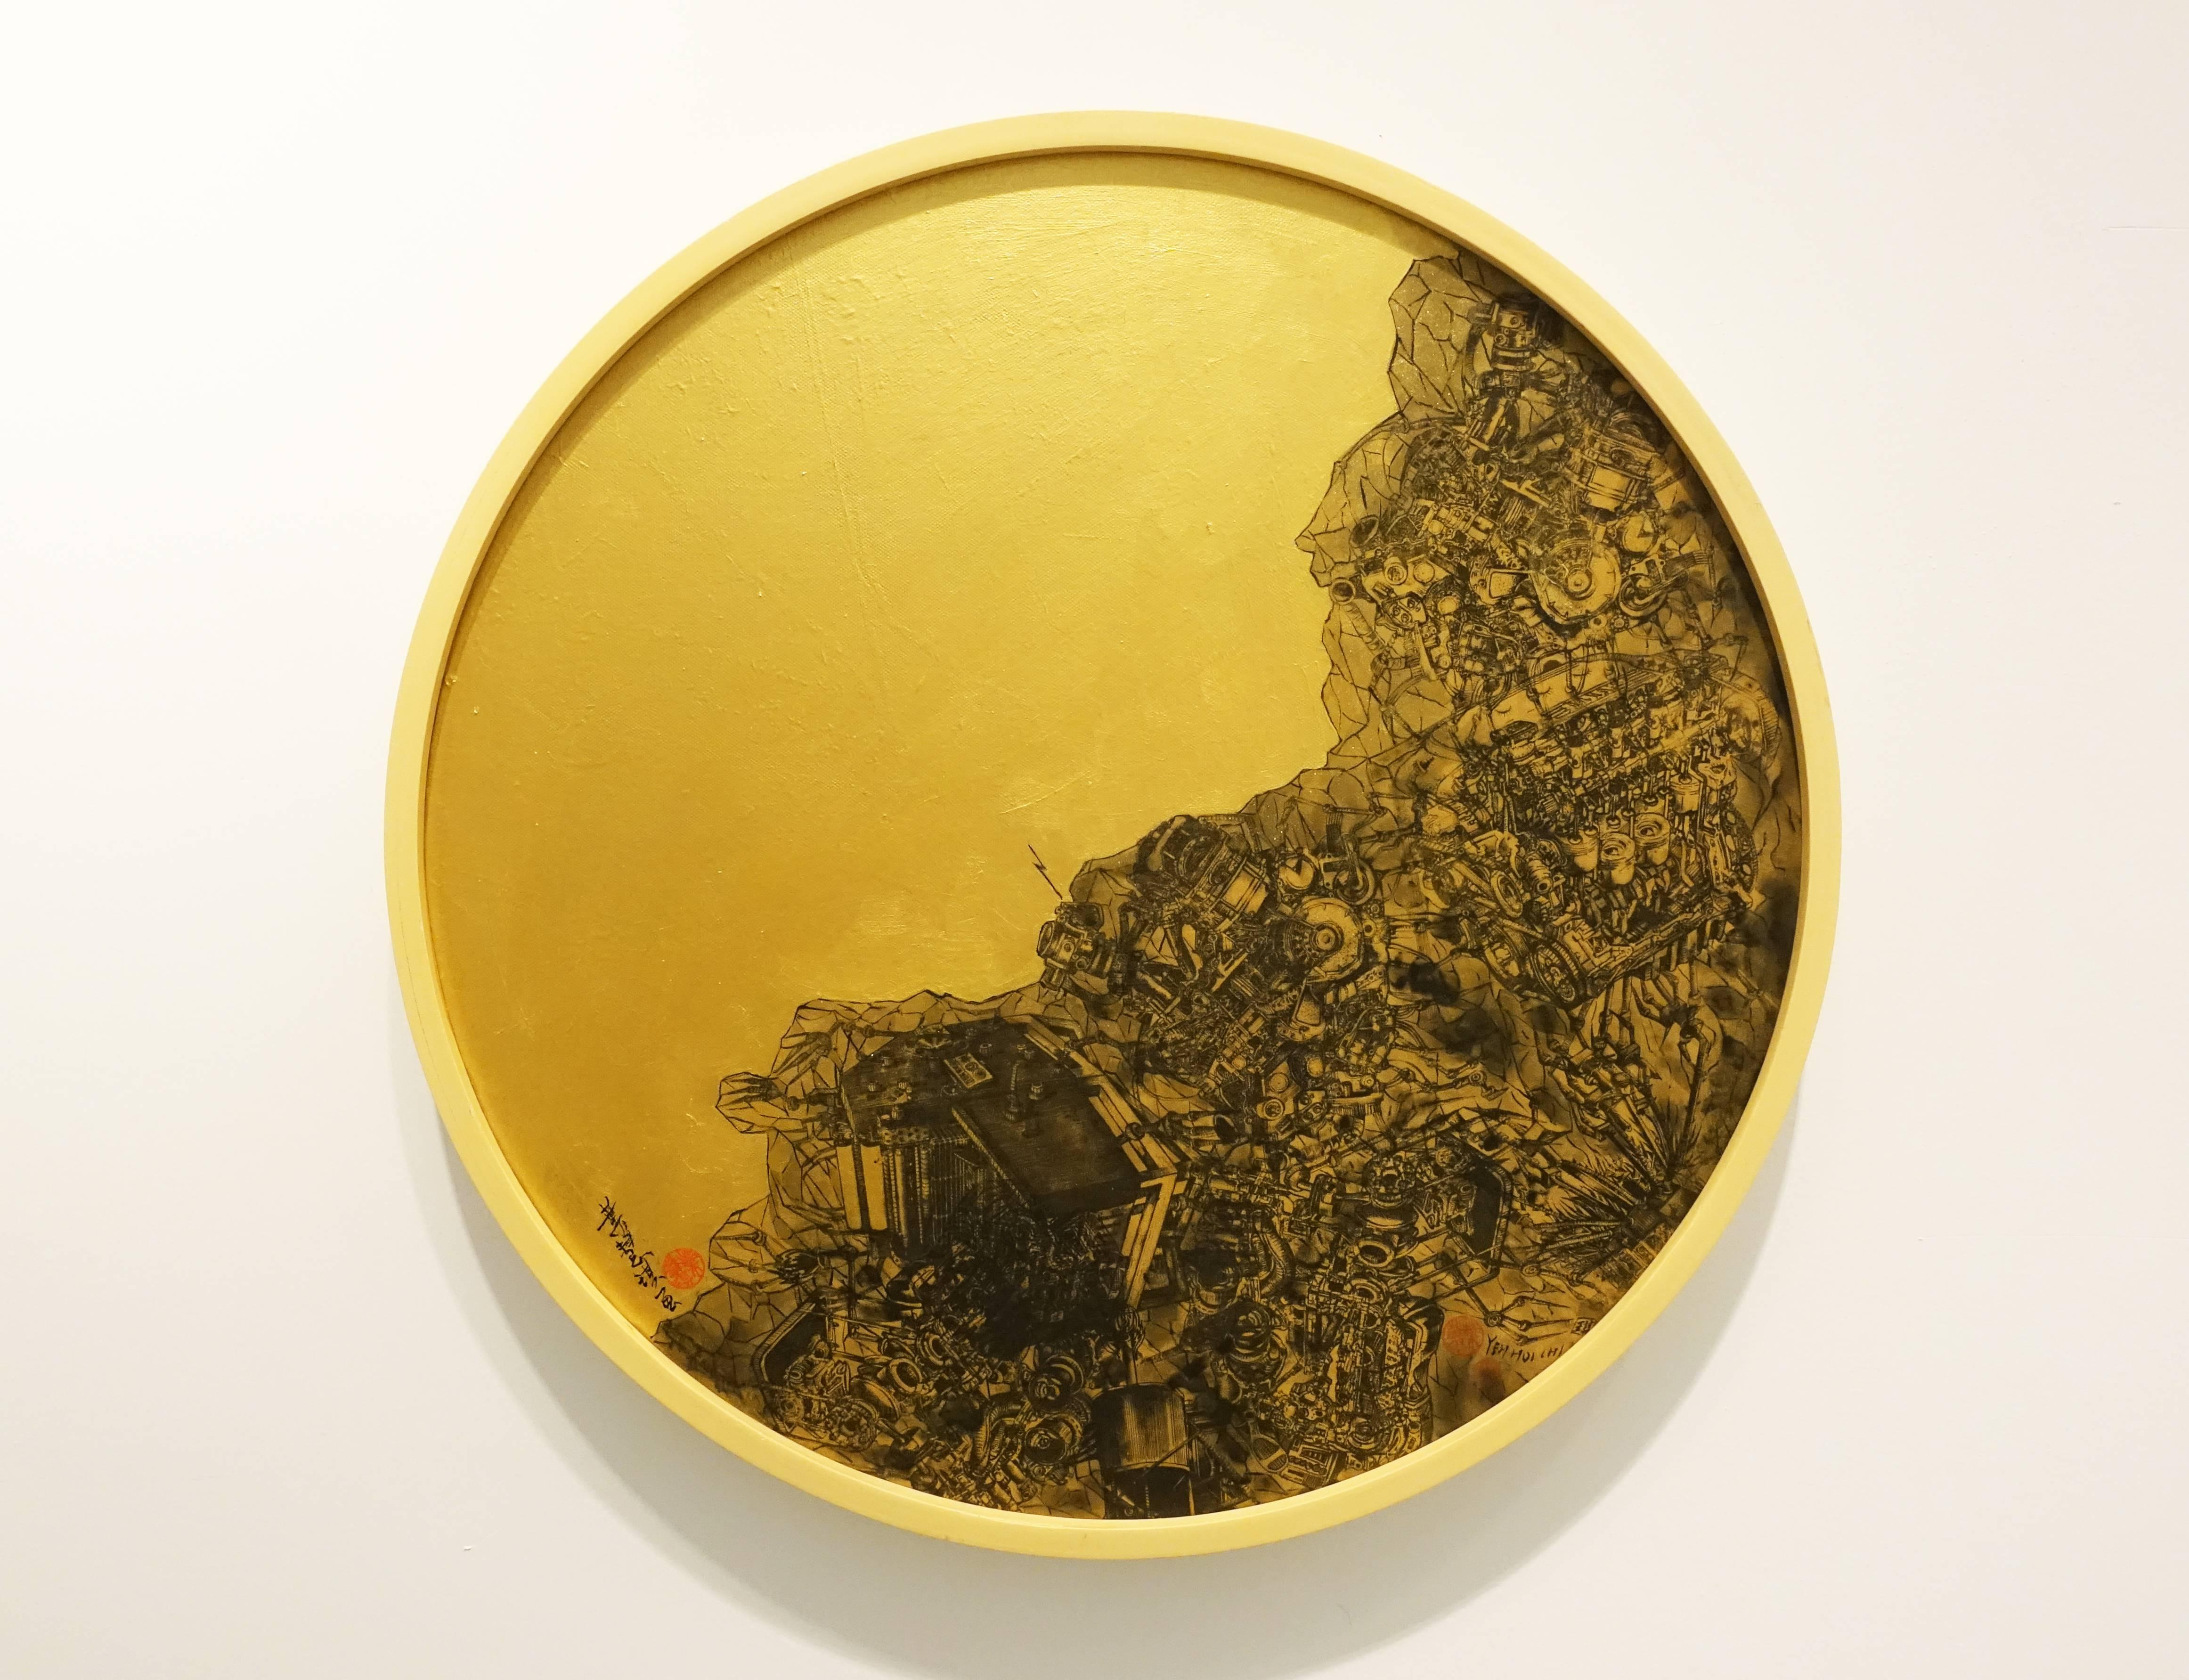 葉慧琪,《列巖》,50 x 50 cm,綜合媒材、絹布。